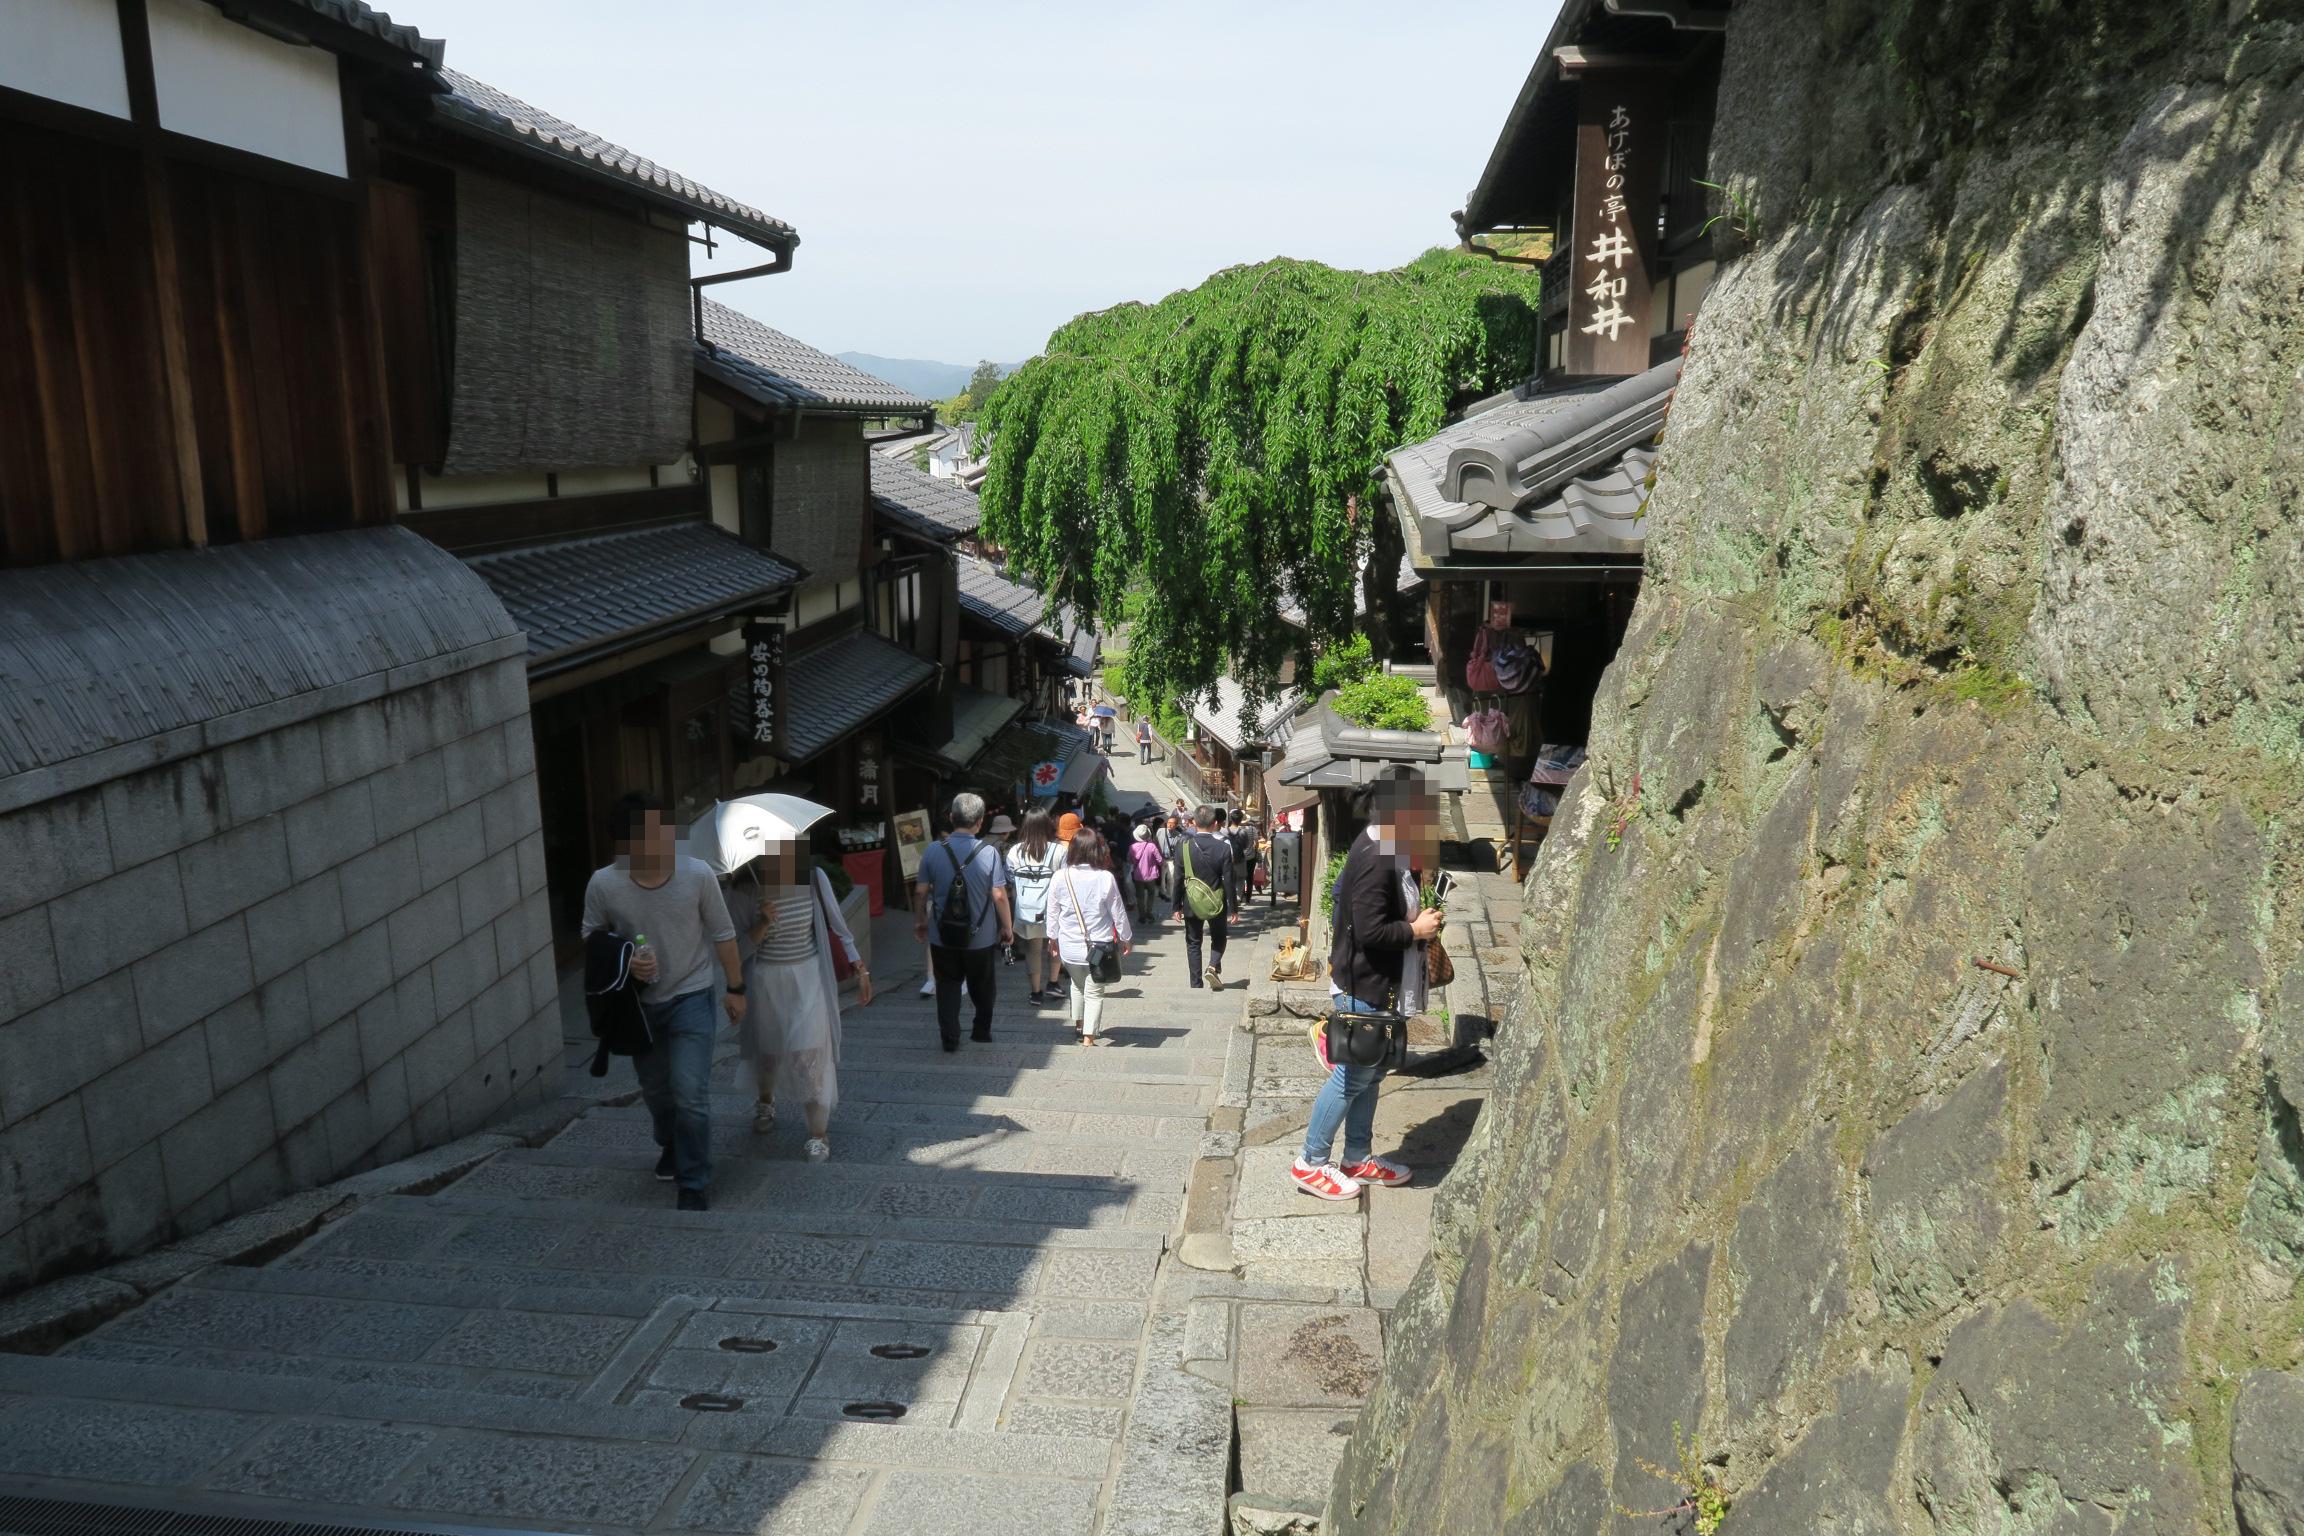 石畳の道の途中には、土産屋、陶器、料亭などが並びます。